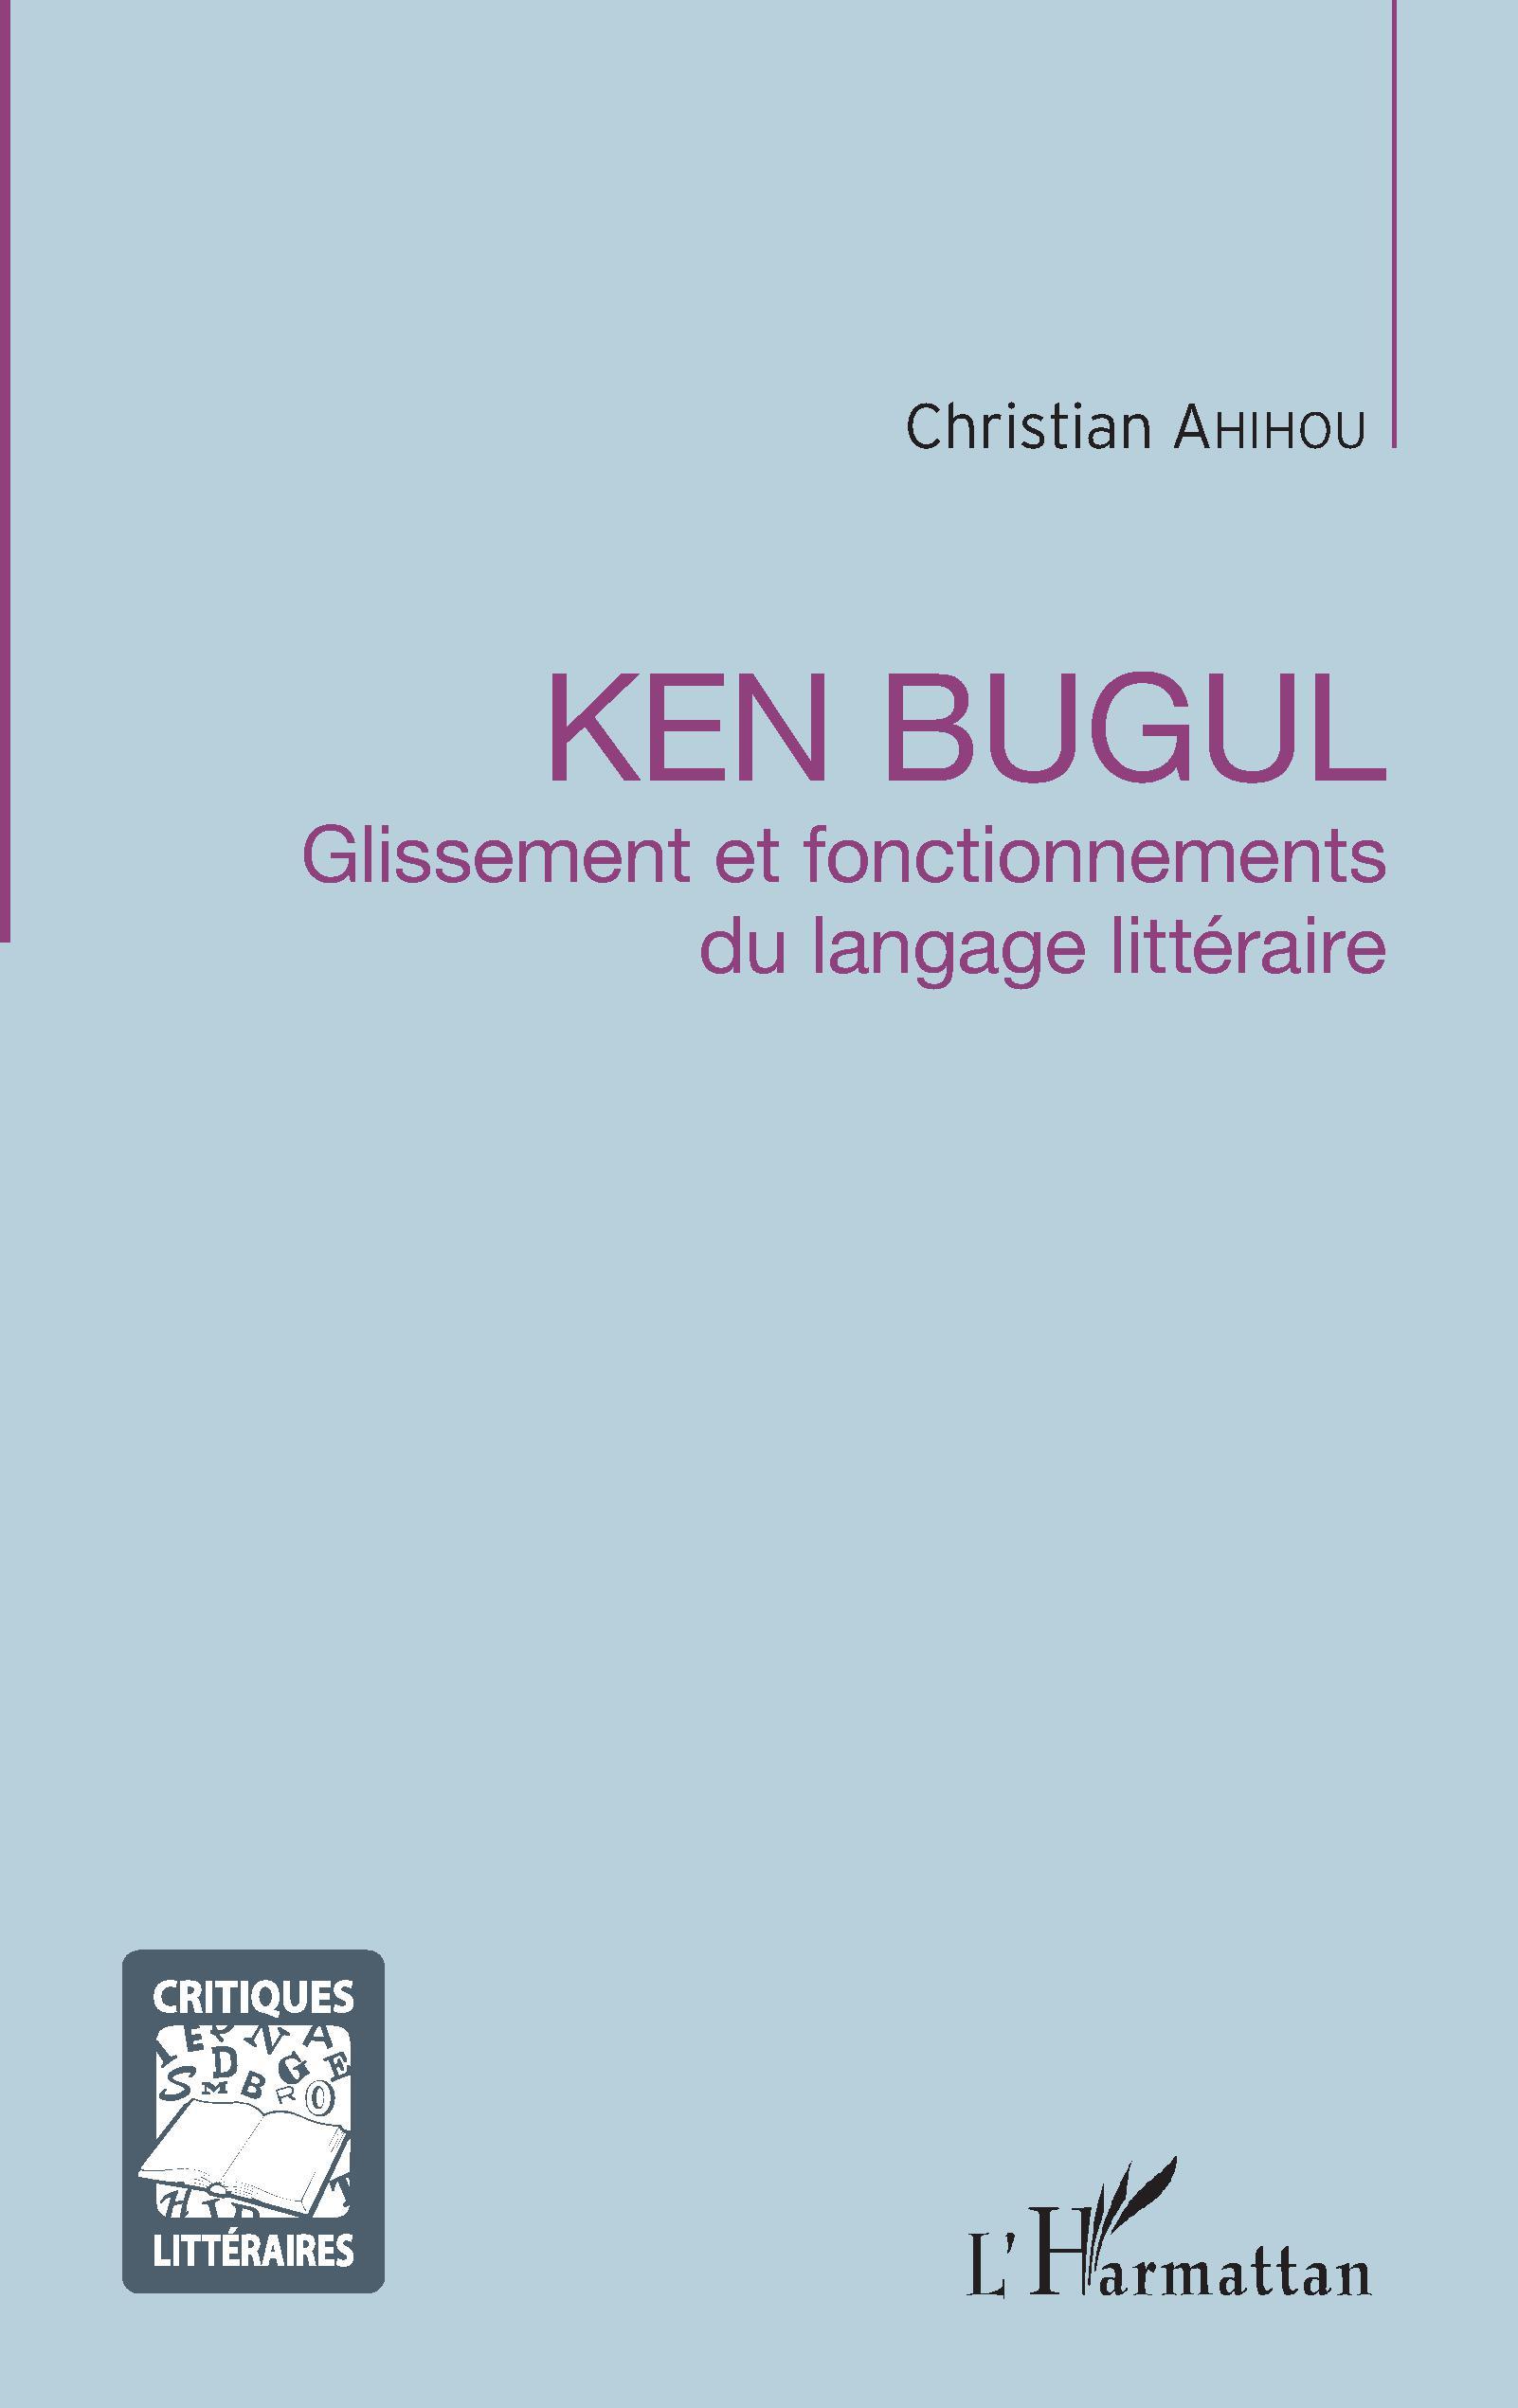 Ken Bugul | Ahihou, Christian